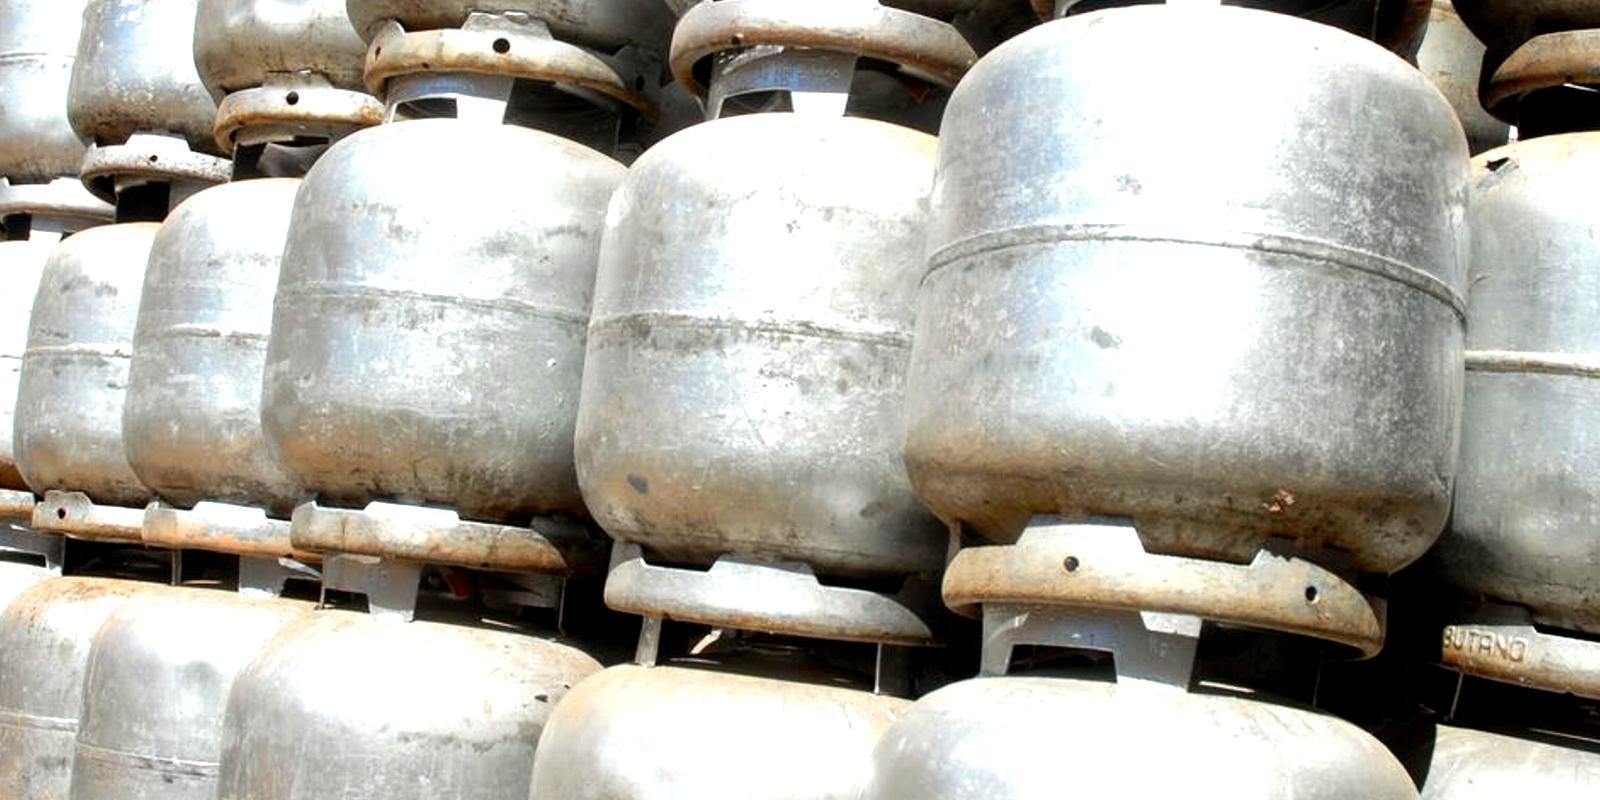 Petrobras reajusta gás de cozinha em 3,43%